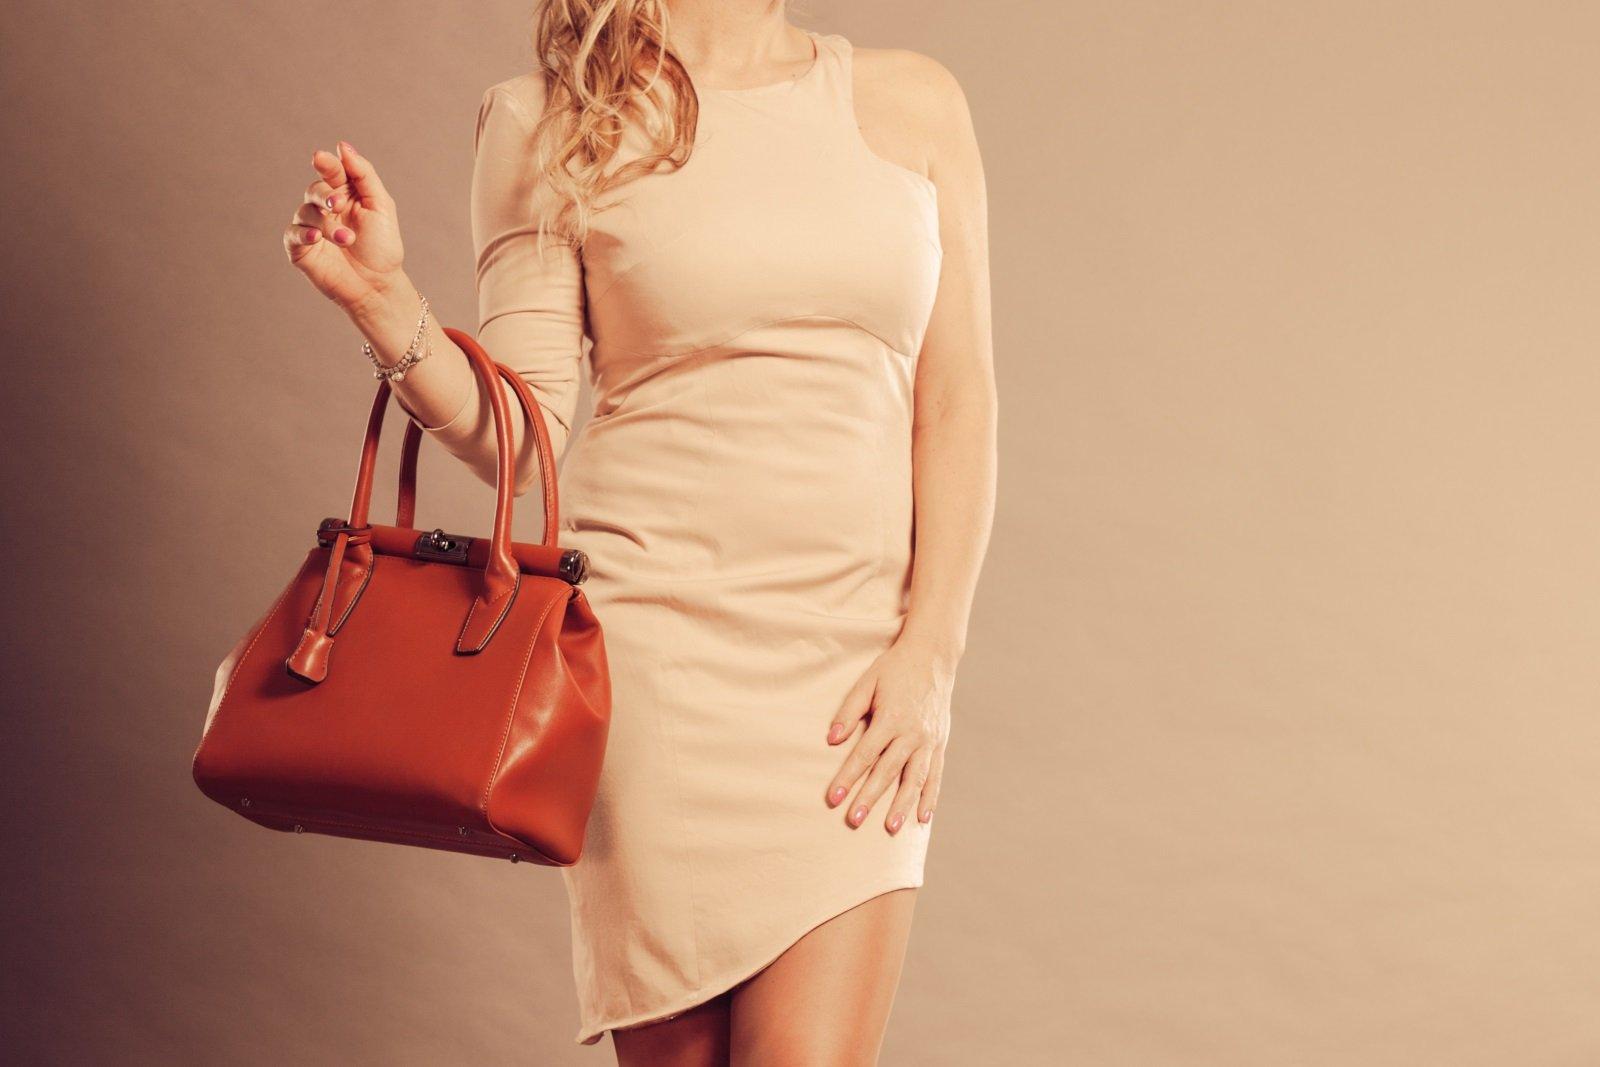 una donna con una borsa di pelle marrone